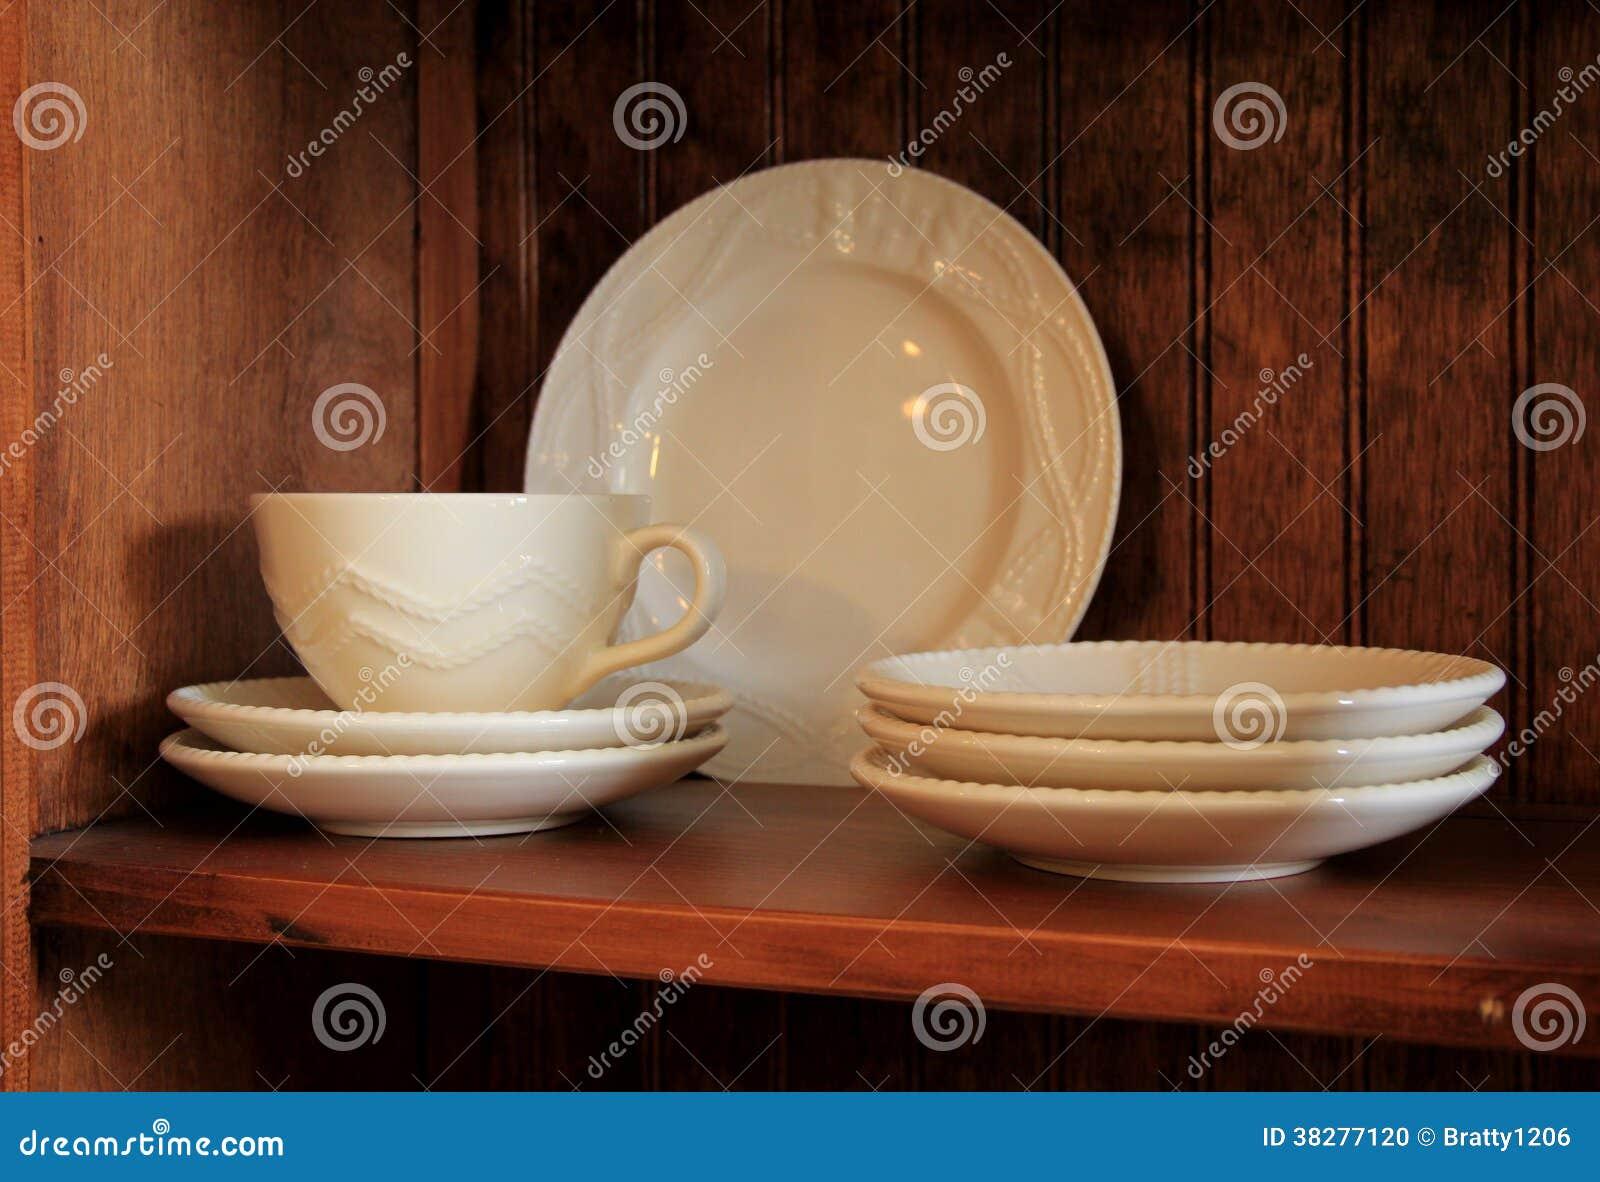 Tazze e piattini sugli scaffali di legno